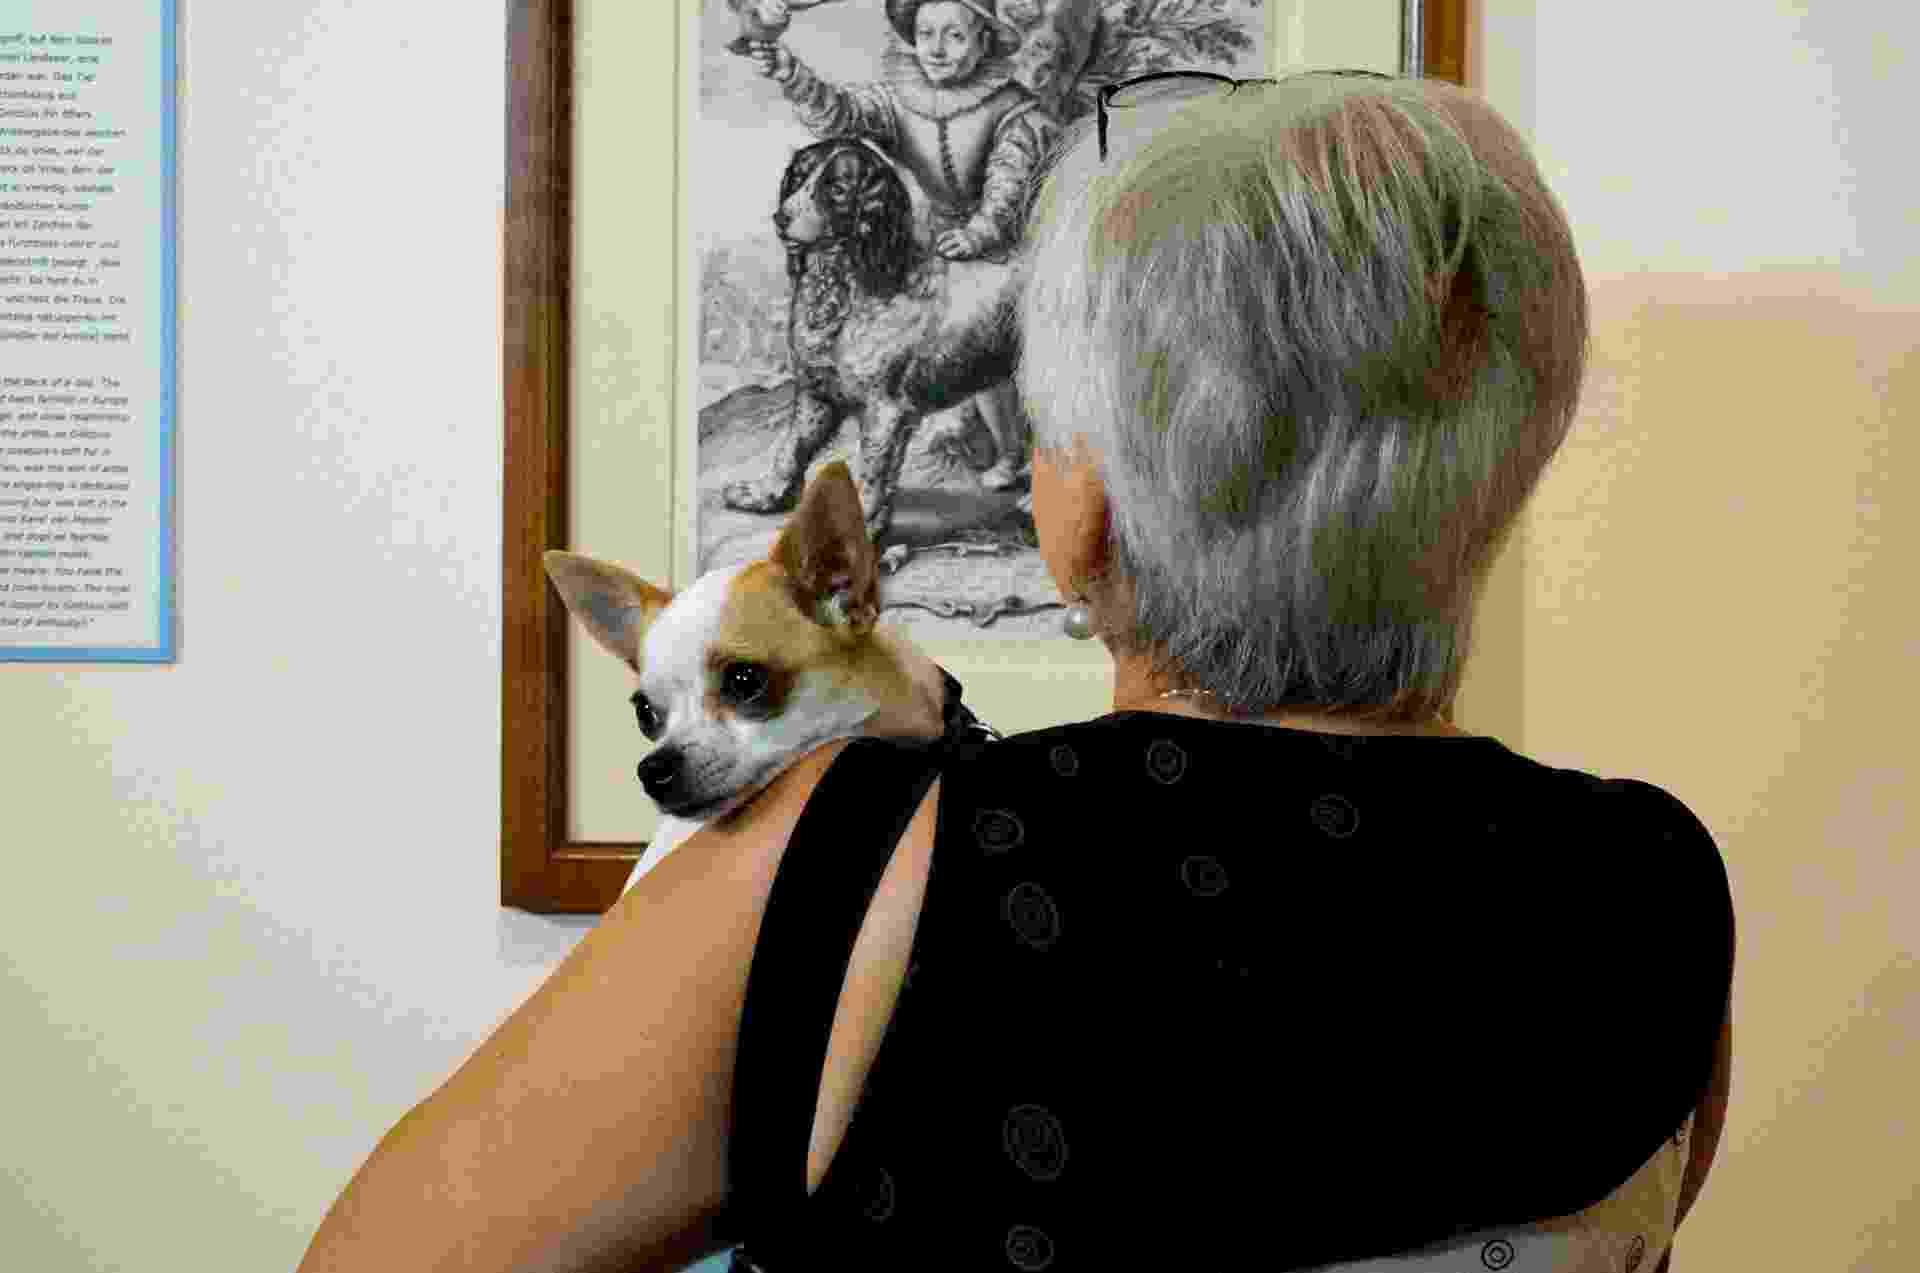 """A exposição """"Wir kommen auf den Hund"""", em cartaz até o dia 20 de setembro, reúne mais de 100 desenhos e gravuras em torno do tema canino. Há até quadros expostos na altura dos olhos dos animais - Clarissa Neher/BBC"""